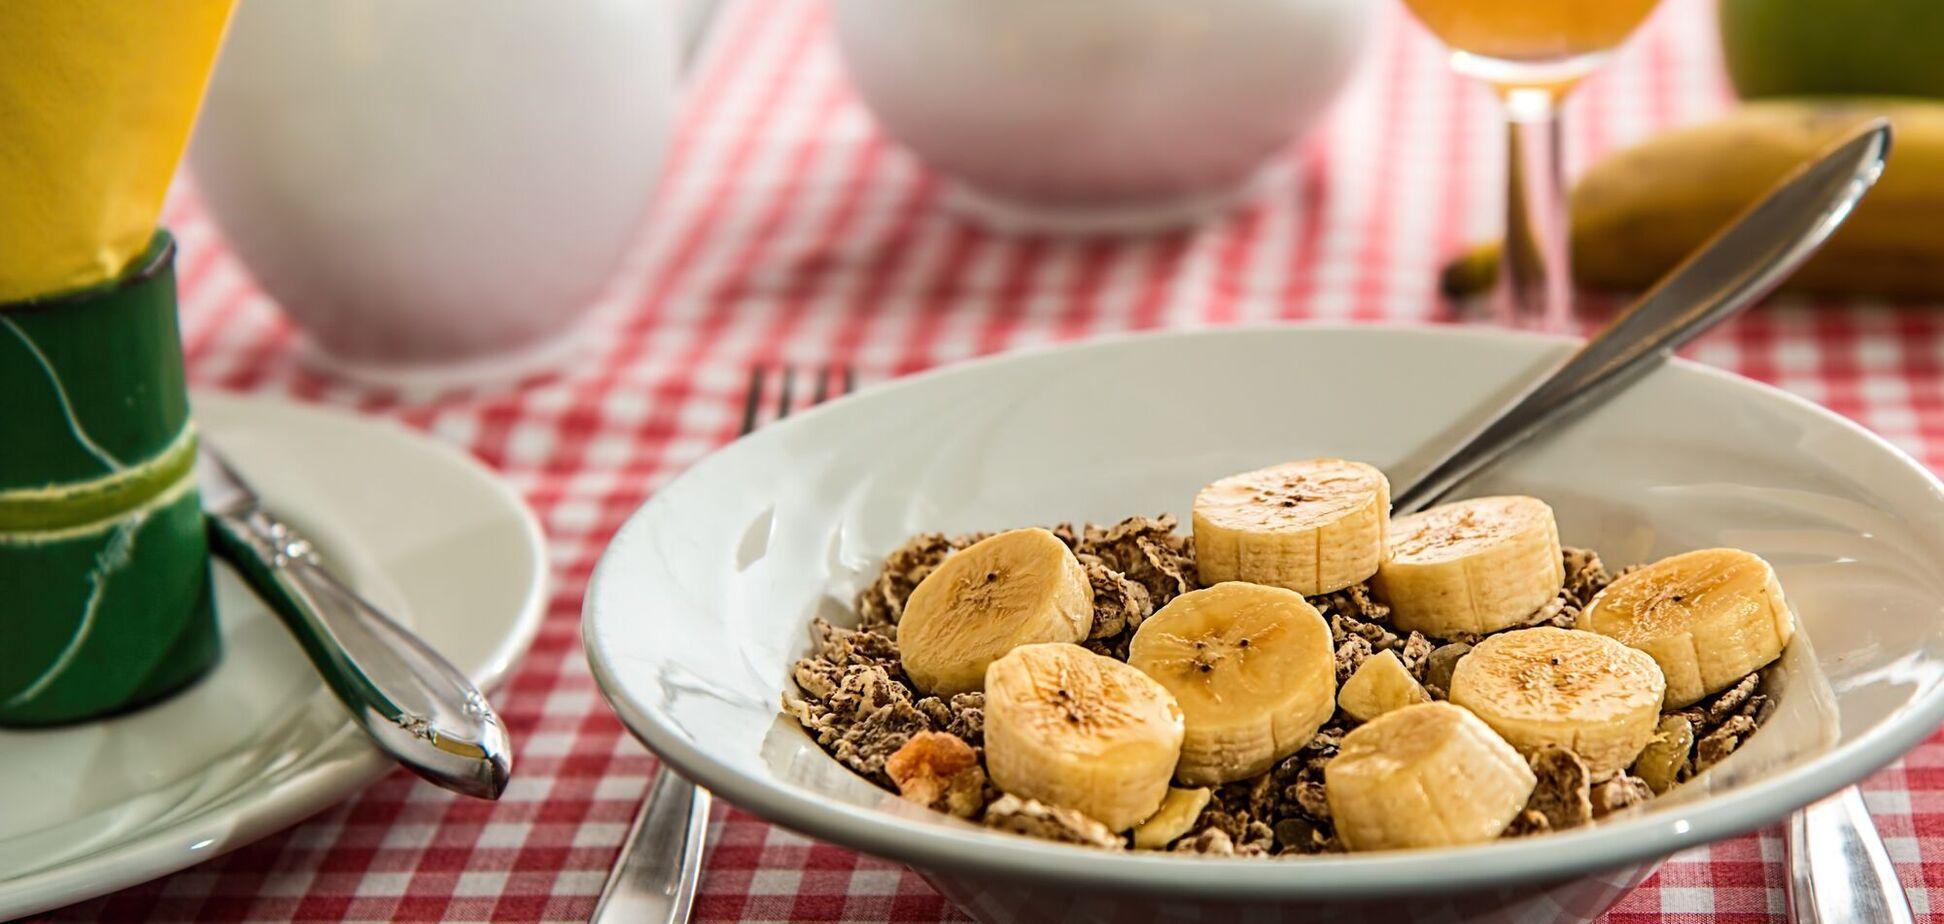 Правильно подобранная диета поможет поддержать здоровье и фигуру